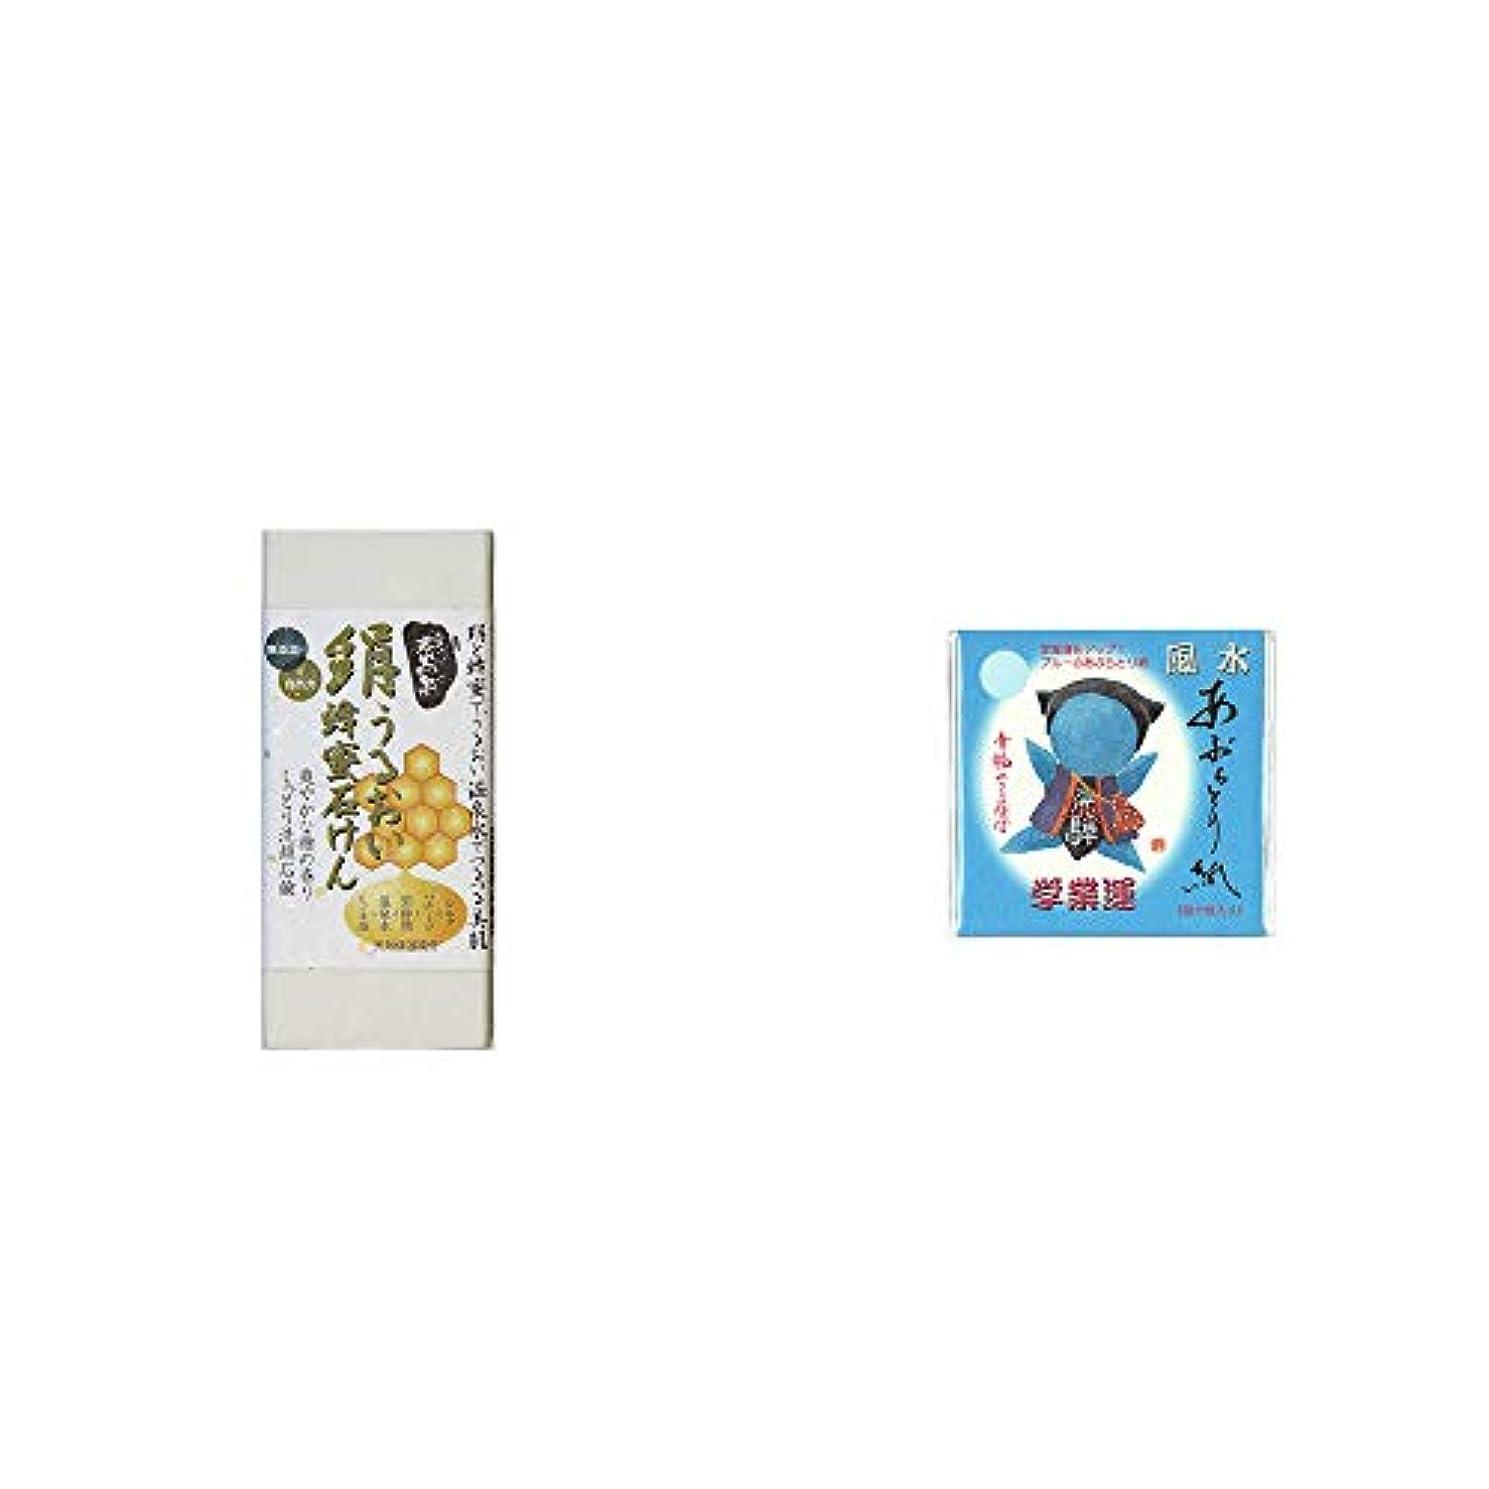 侵略肯定的バケツ[2点セット] ひのき炭黒泉 絹うるおい蜂蜜石けん(75g×2)?さるぼぼ 風水あぶらとり紙【ブルー】